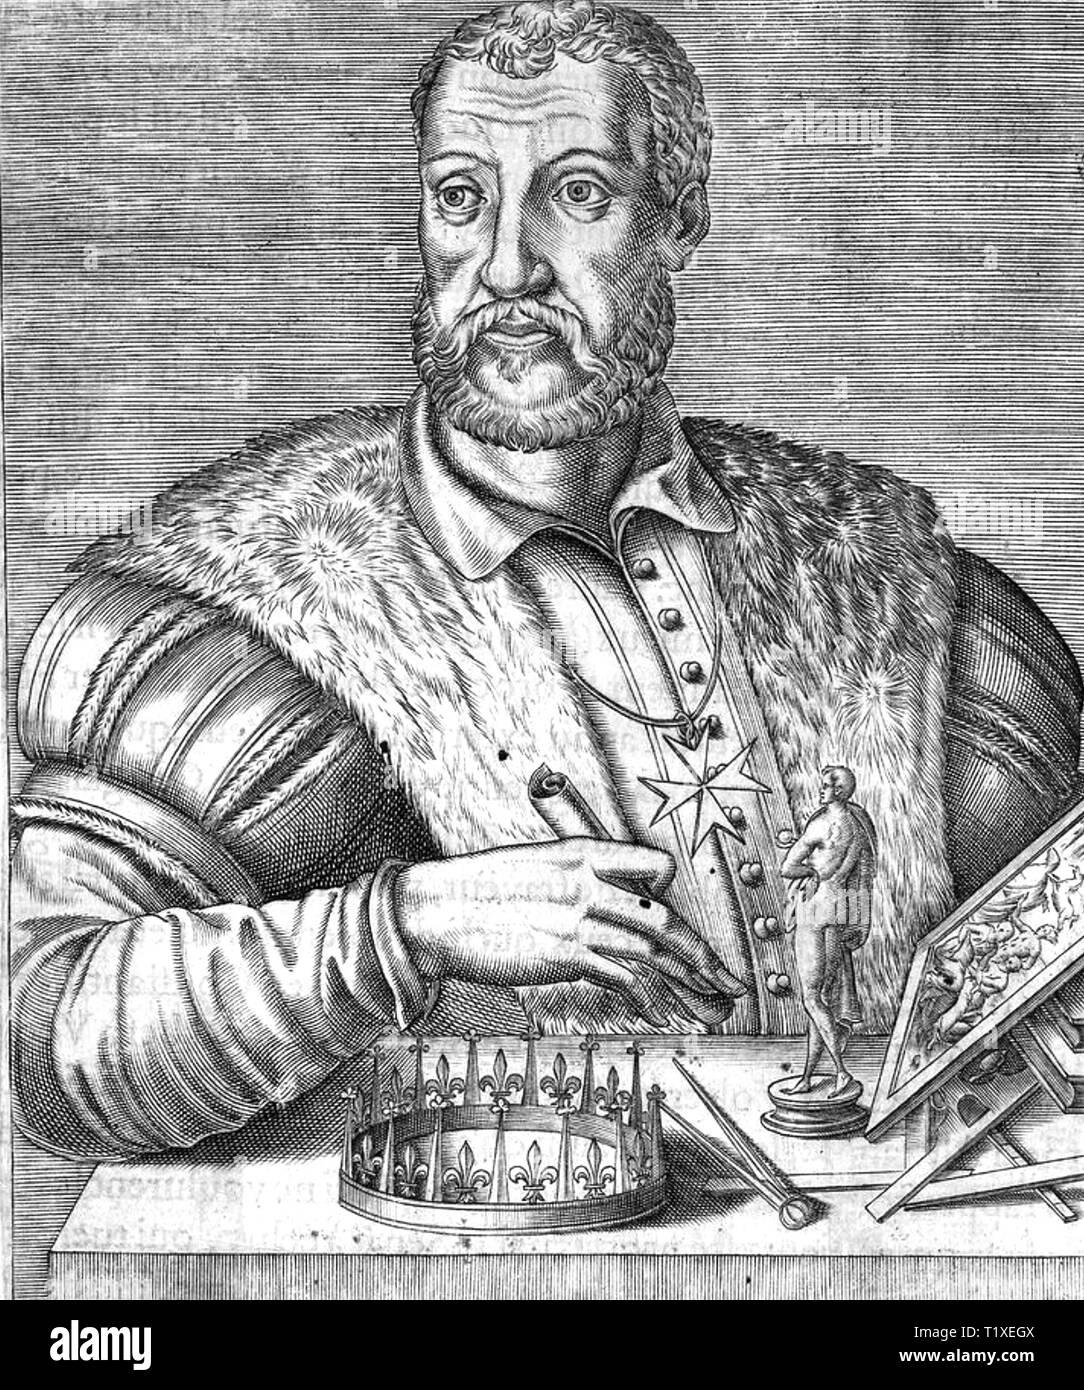 COSIMO di MEDICI(1389-1464) Italian banker and politician - Stock Image